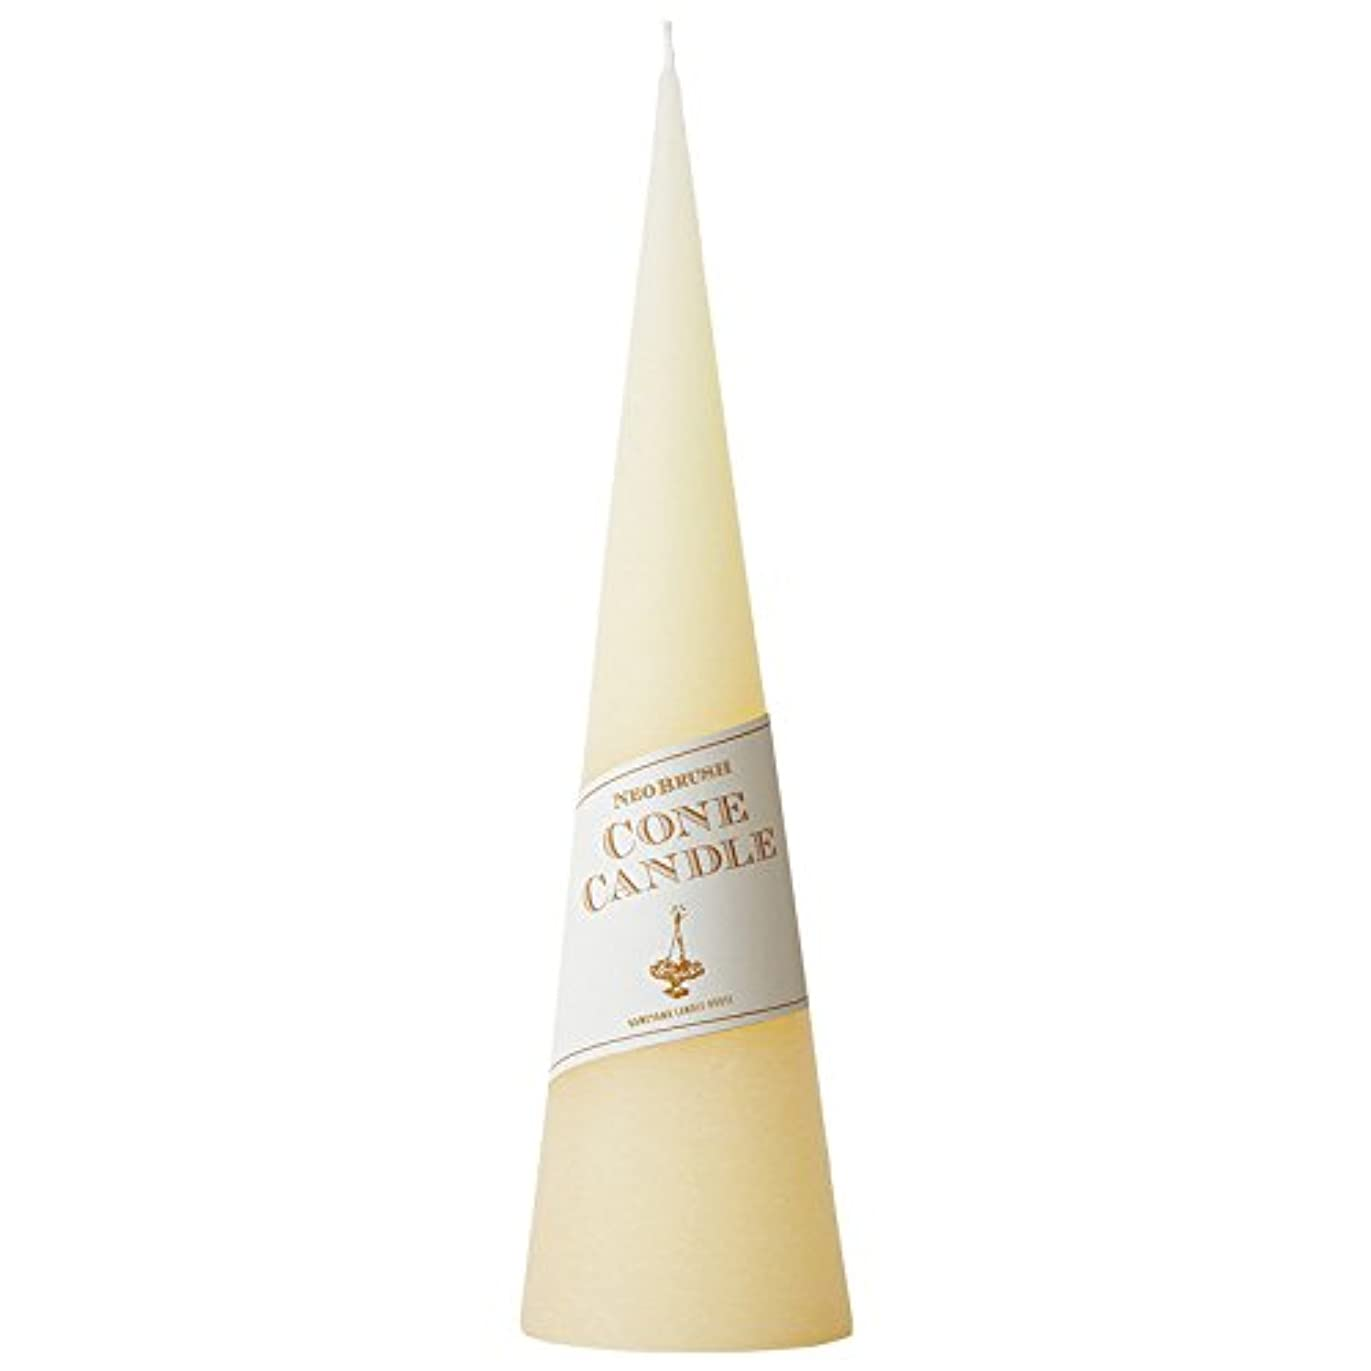 天才サスペンション国民カメヤマキャンドルハウス ネオブラッシュコーン キャンドル 230mm アイボリー